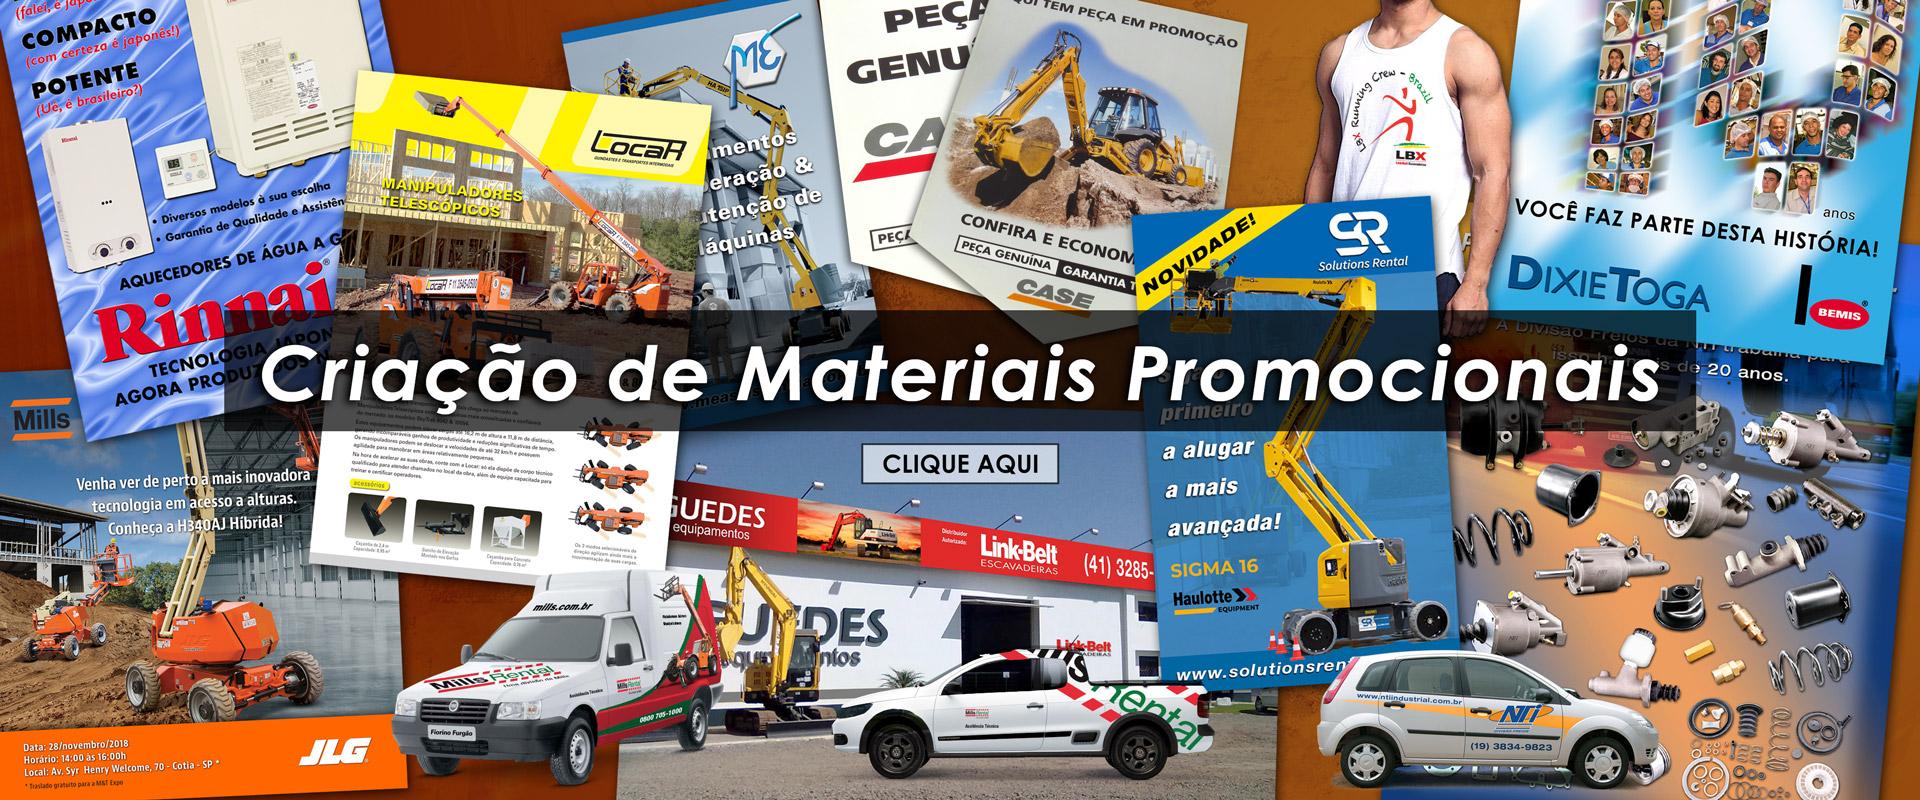 Criação de Materiais Promocionais